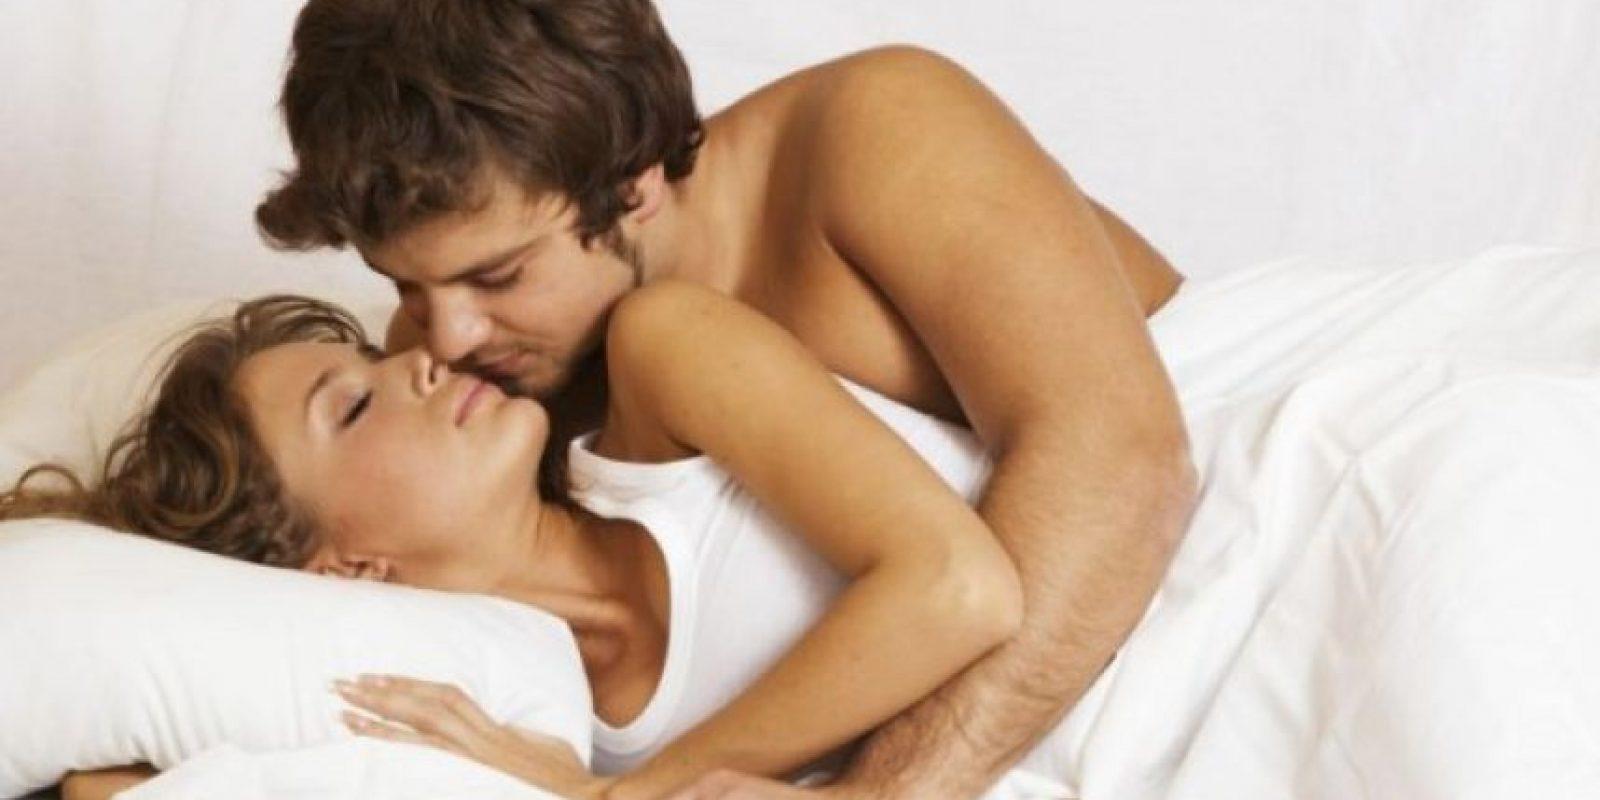 10. Tienen una vida sexual divertida y estable.